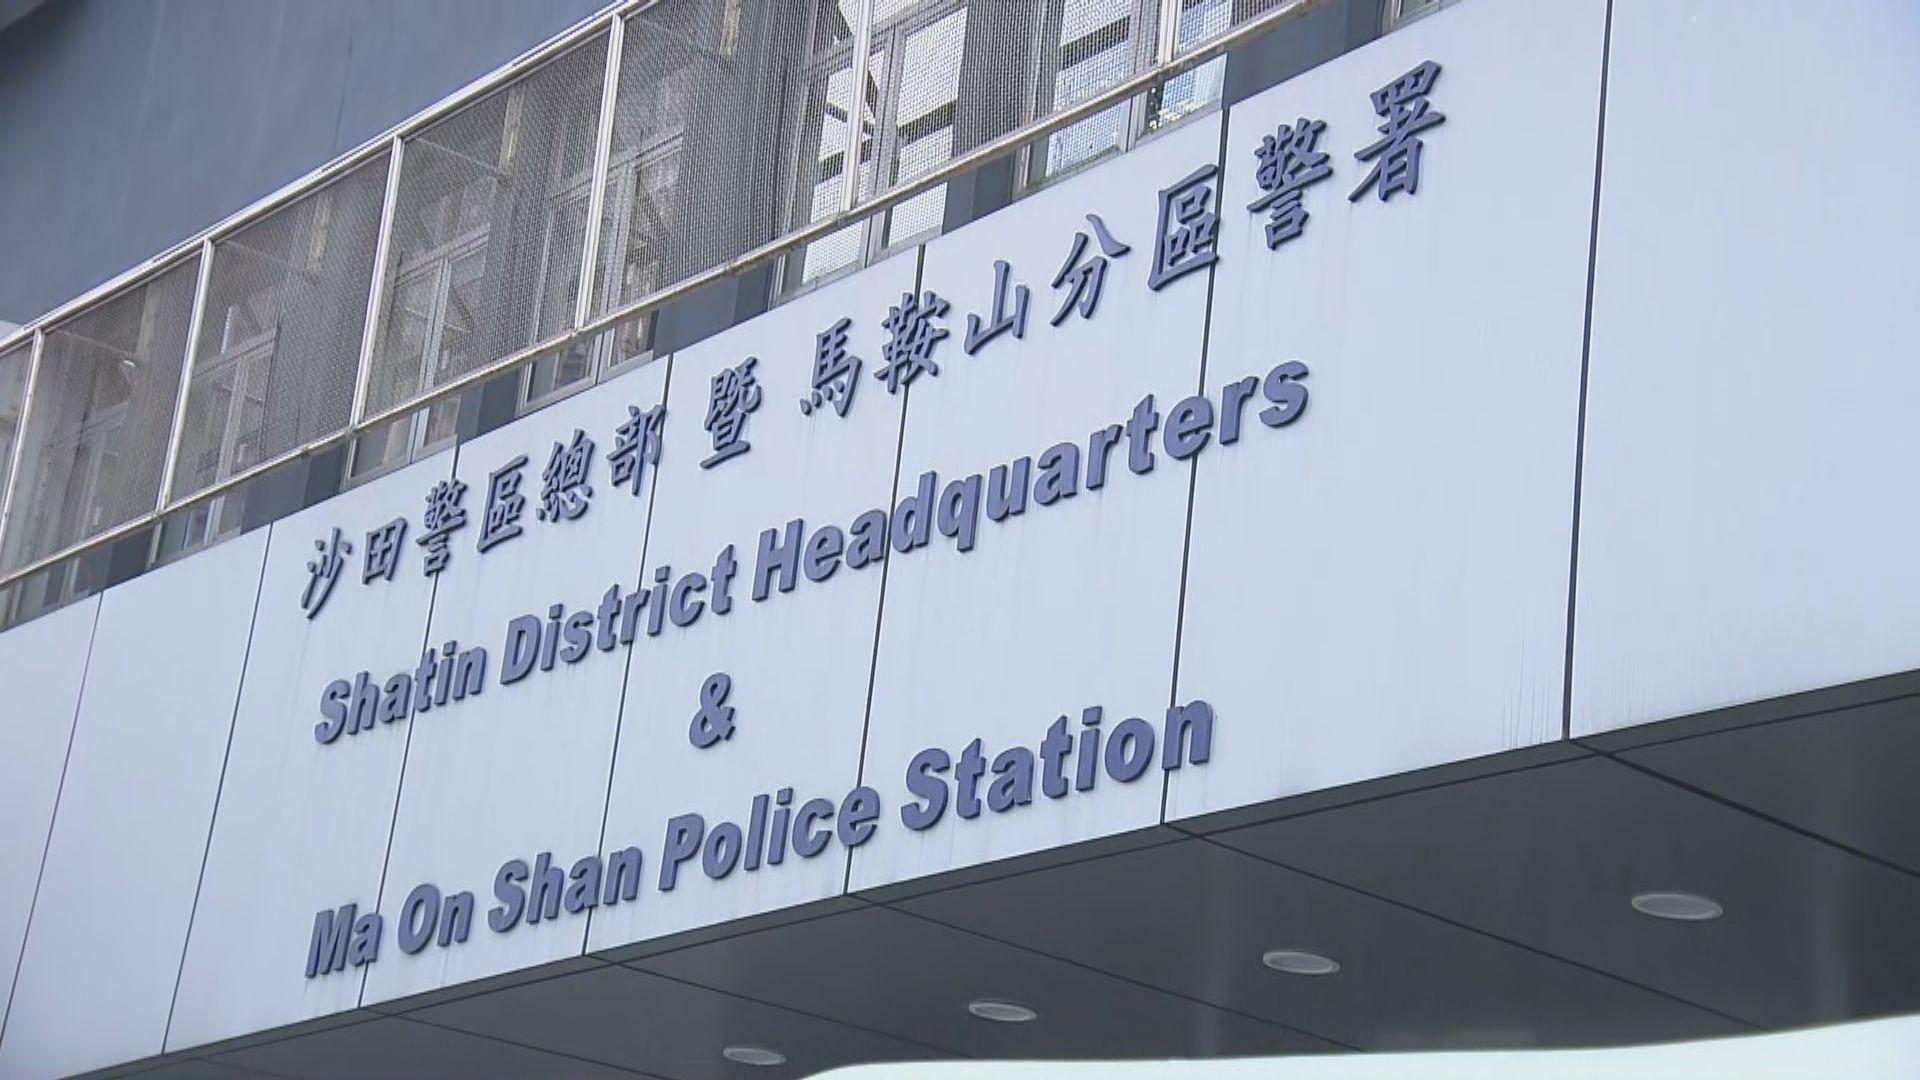 被捕新港城中心保安在馬鞍山警署扣查